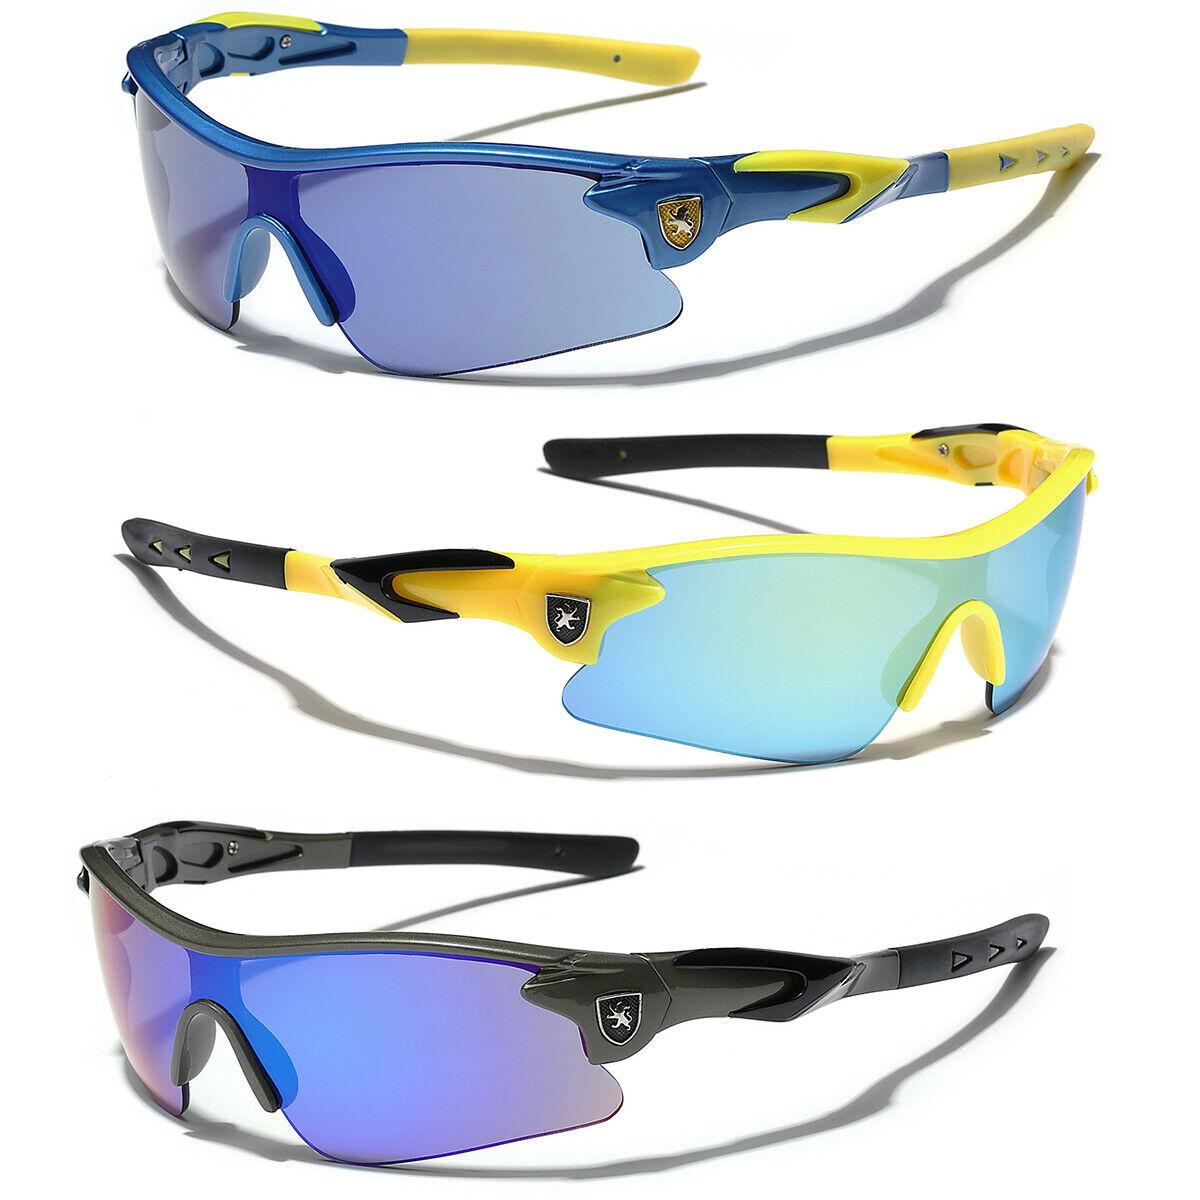 KIDS AGE 2-8 Half Frame Sports Sunglasses